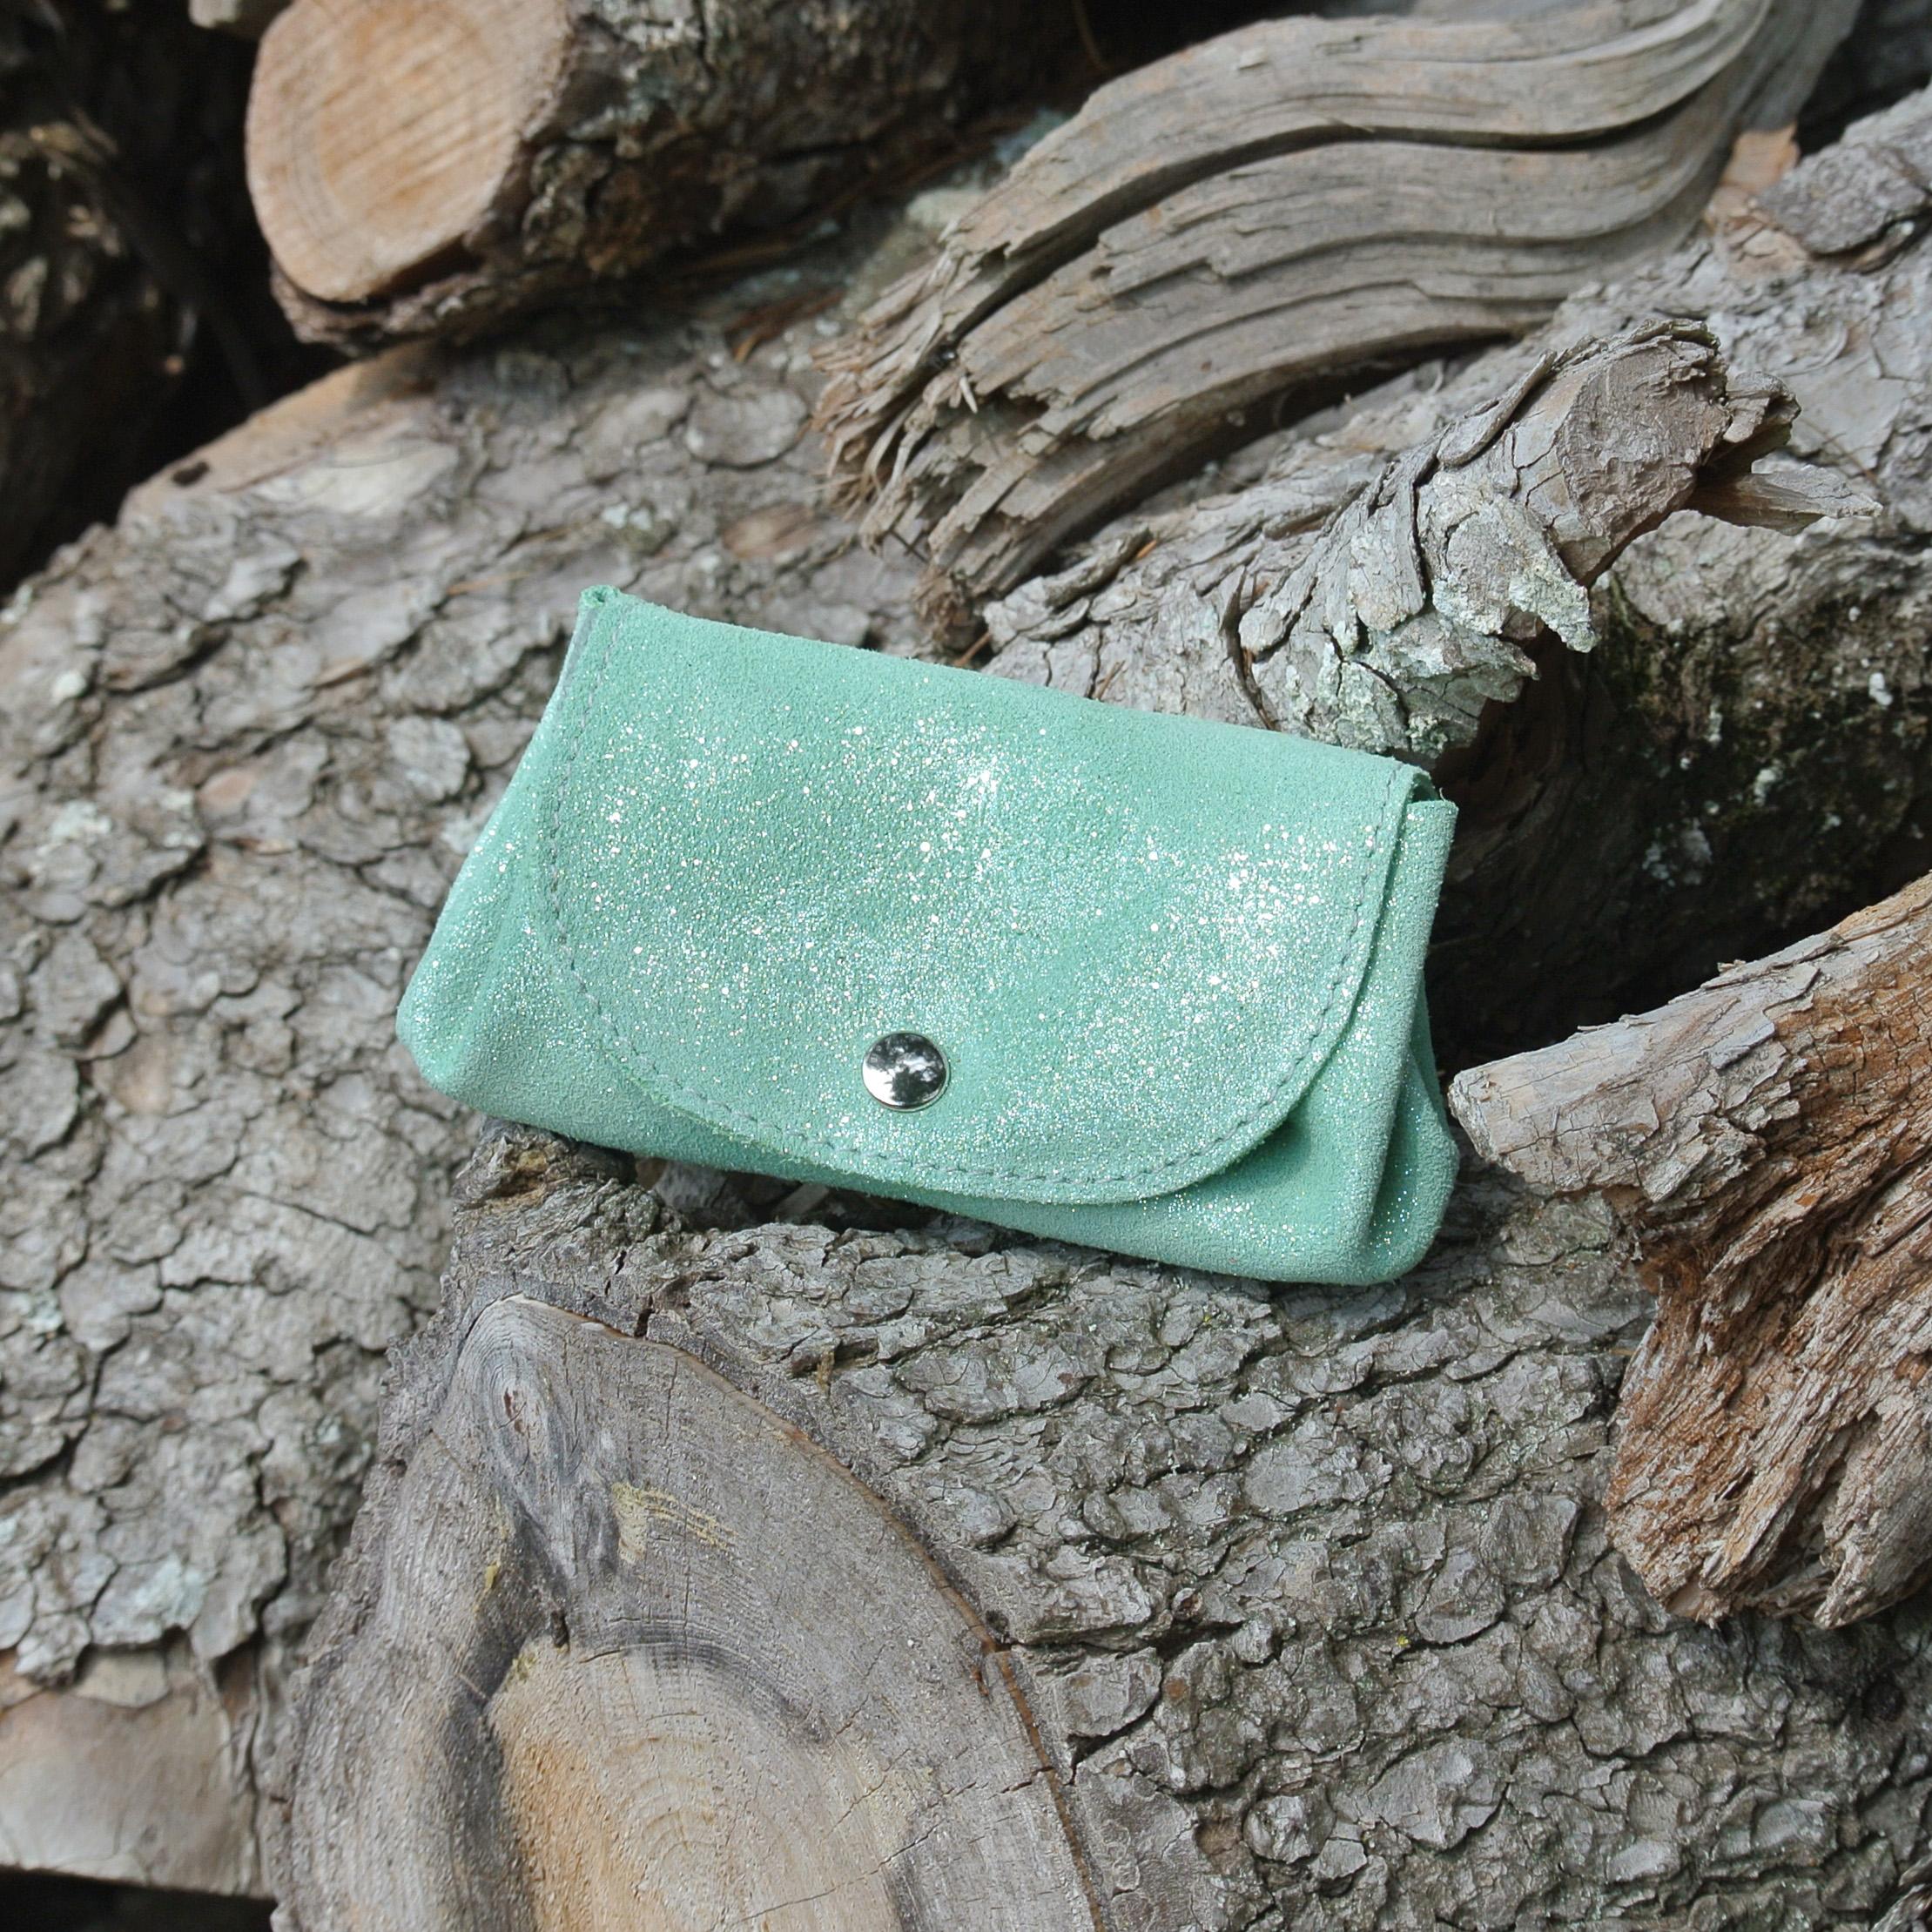 cuirs-fantaisies-la-cartabliere-fabrique-en-france-porte-monnaie-accordeon-en-cuir-paillete-vert-amande